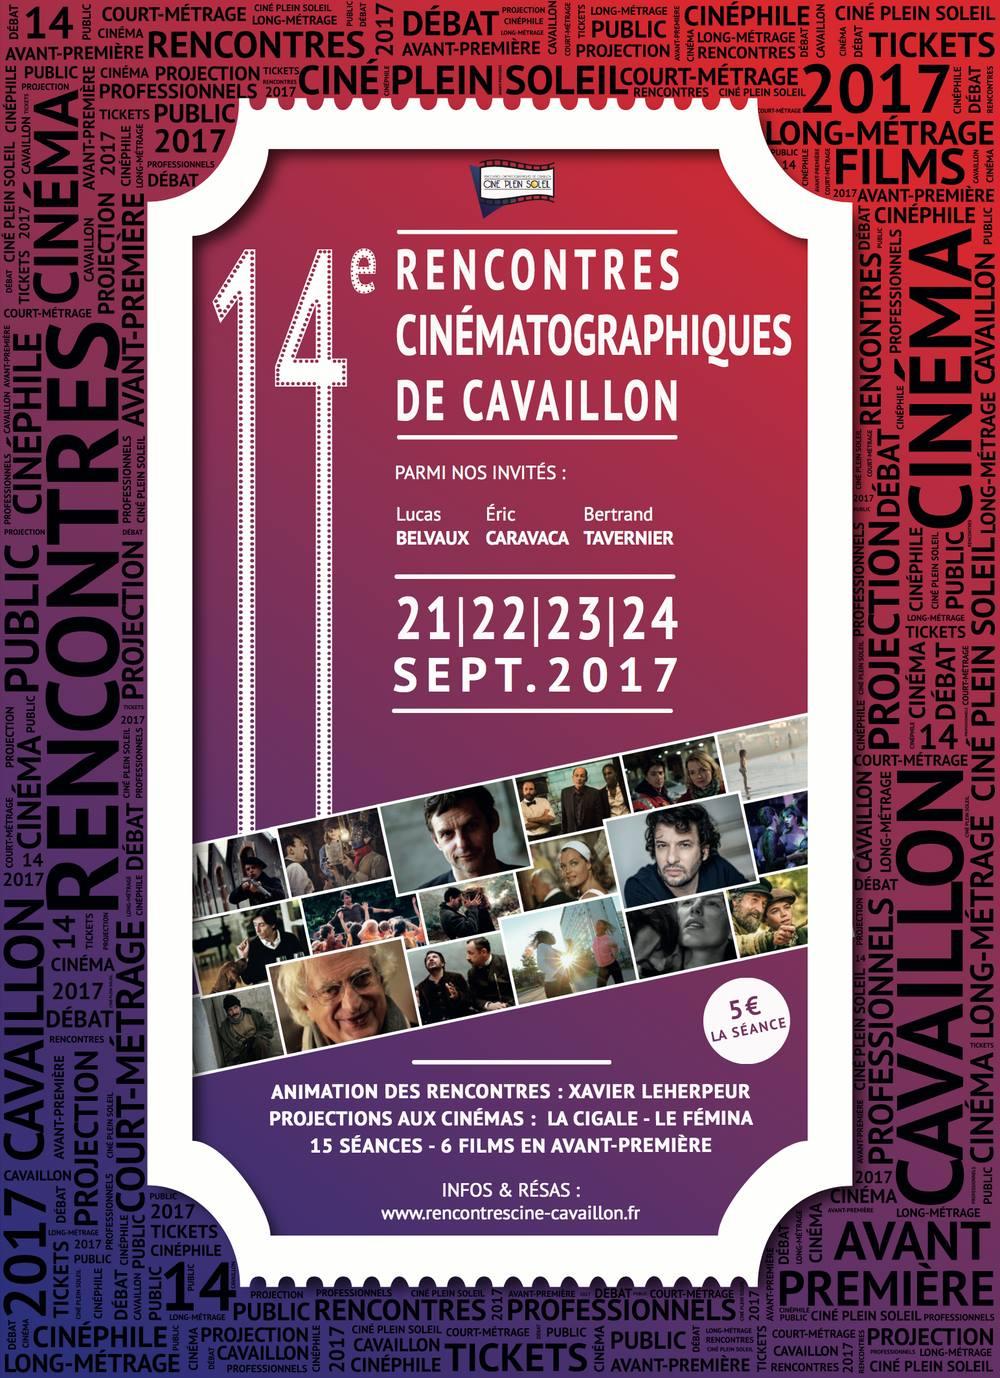 14e Rencontres Ciné de Cavaillon